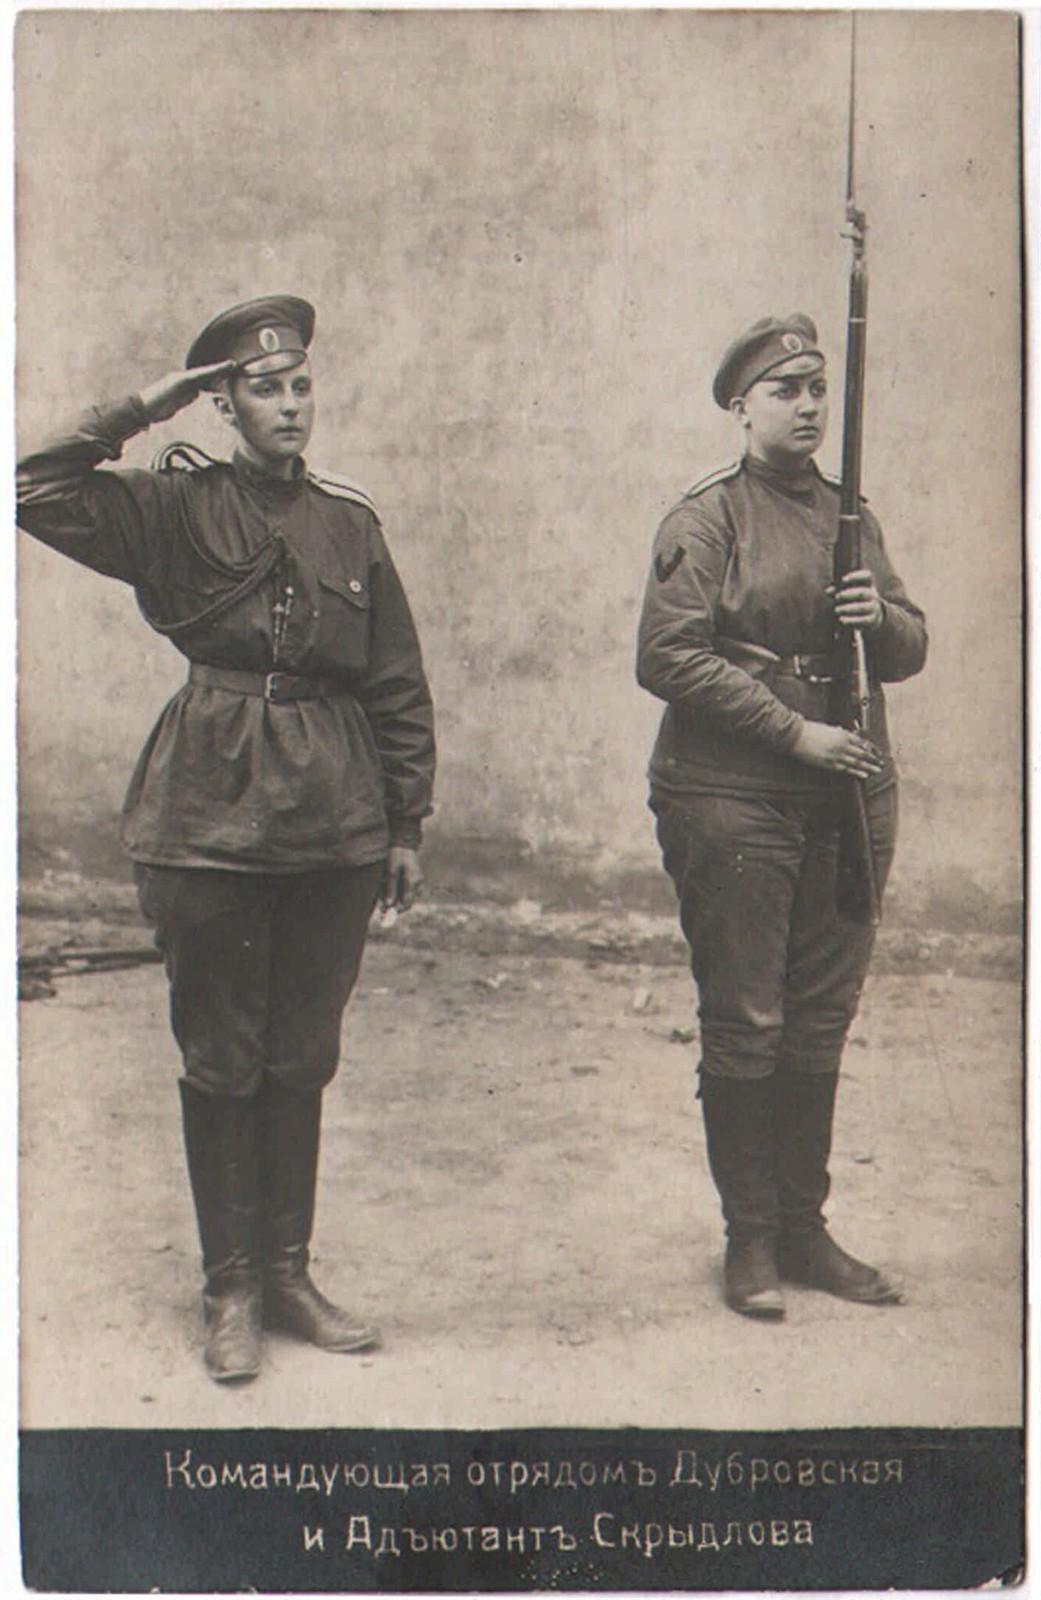 19127.  Командующая отрядом Дубровская и адъютант Скрыдлова